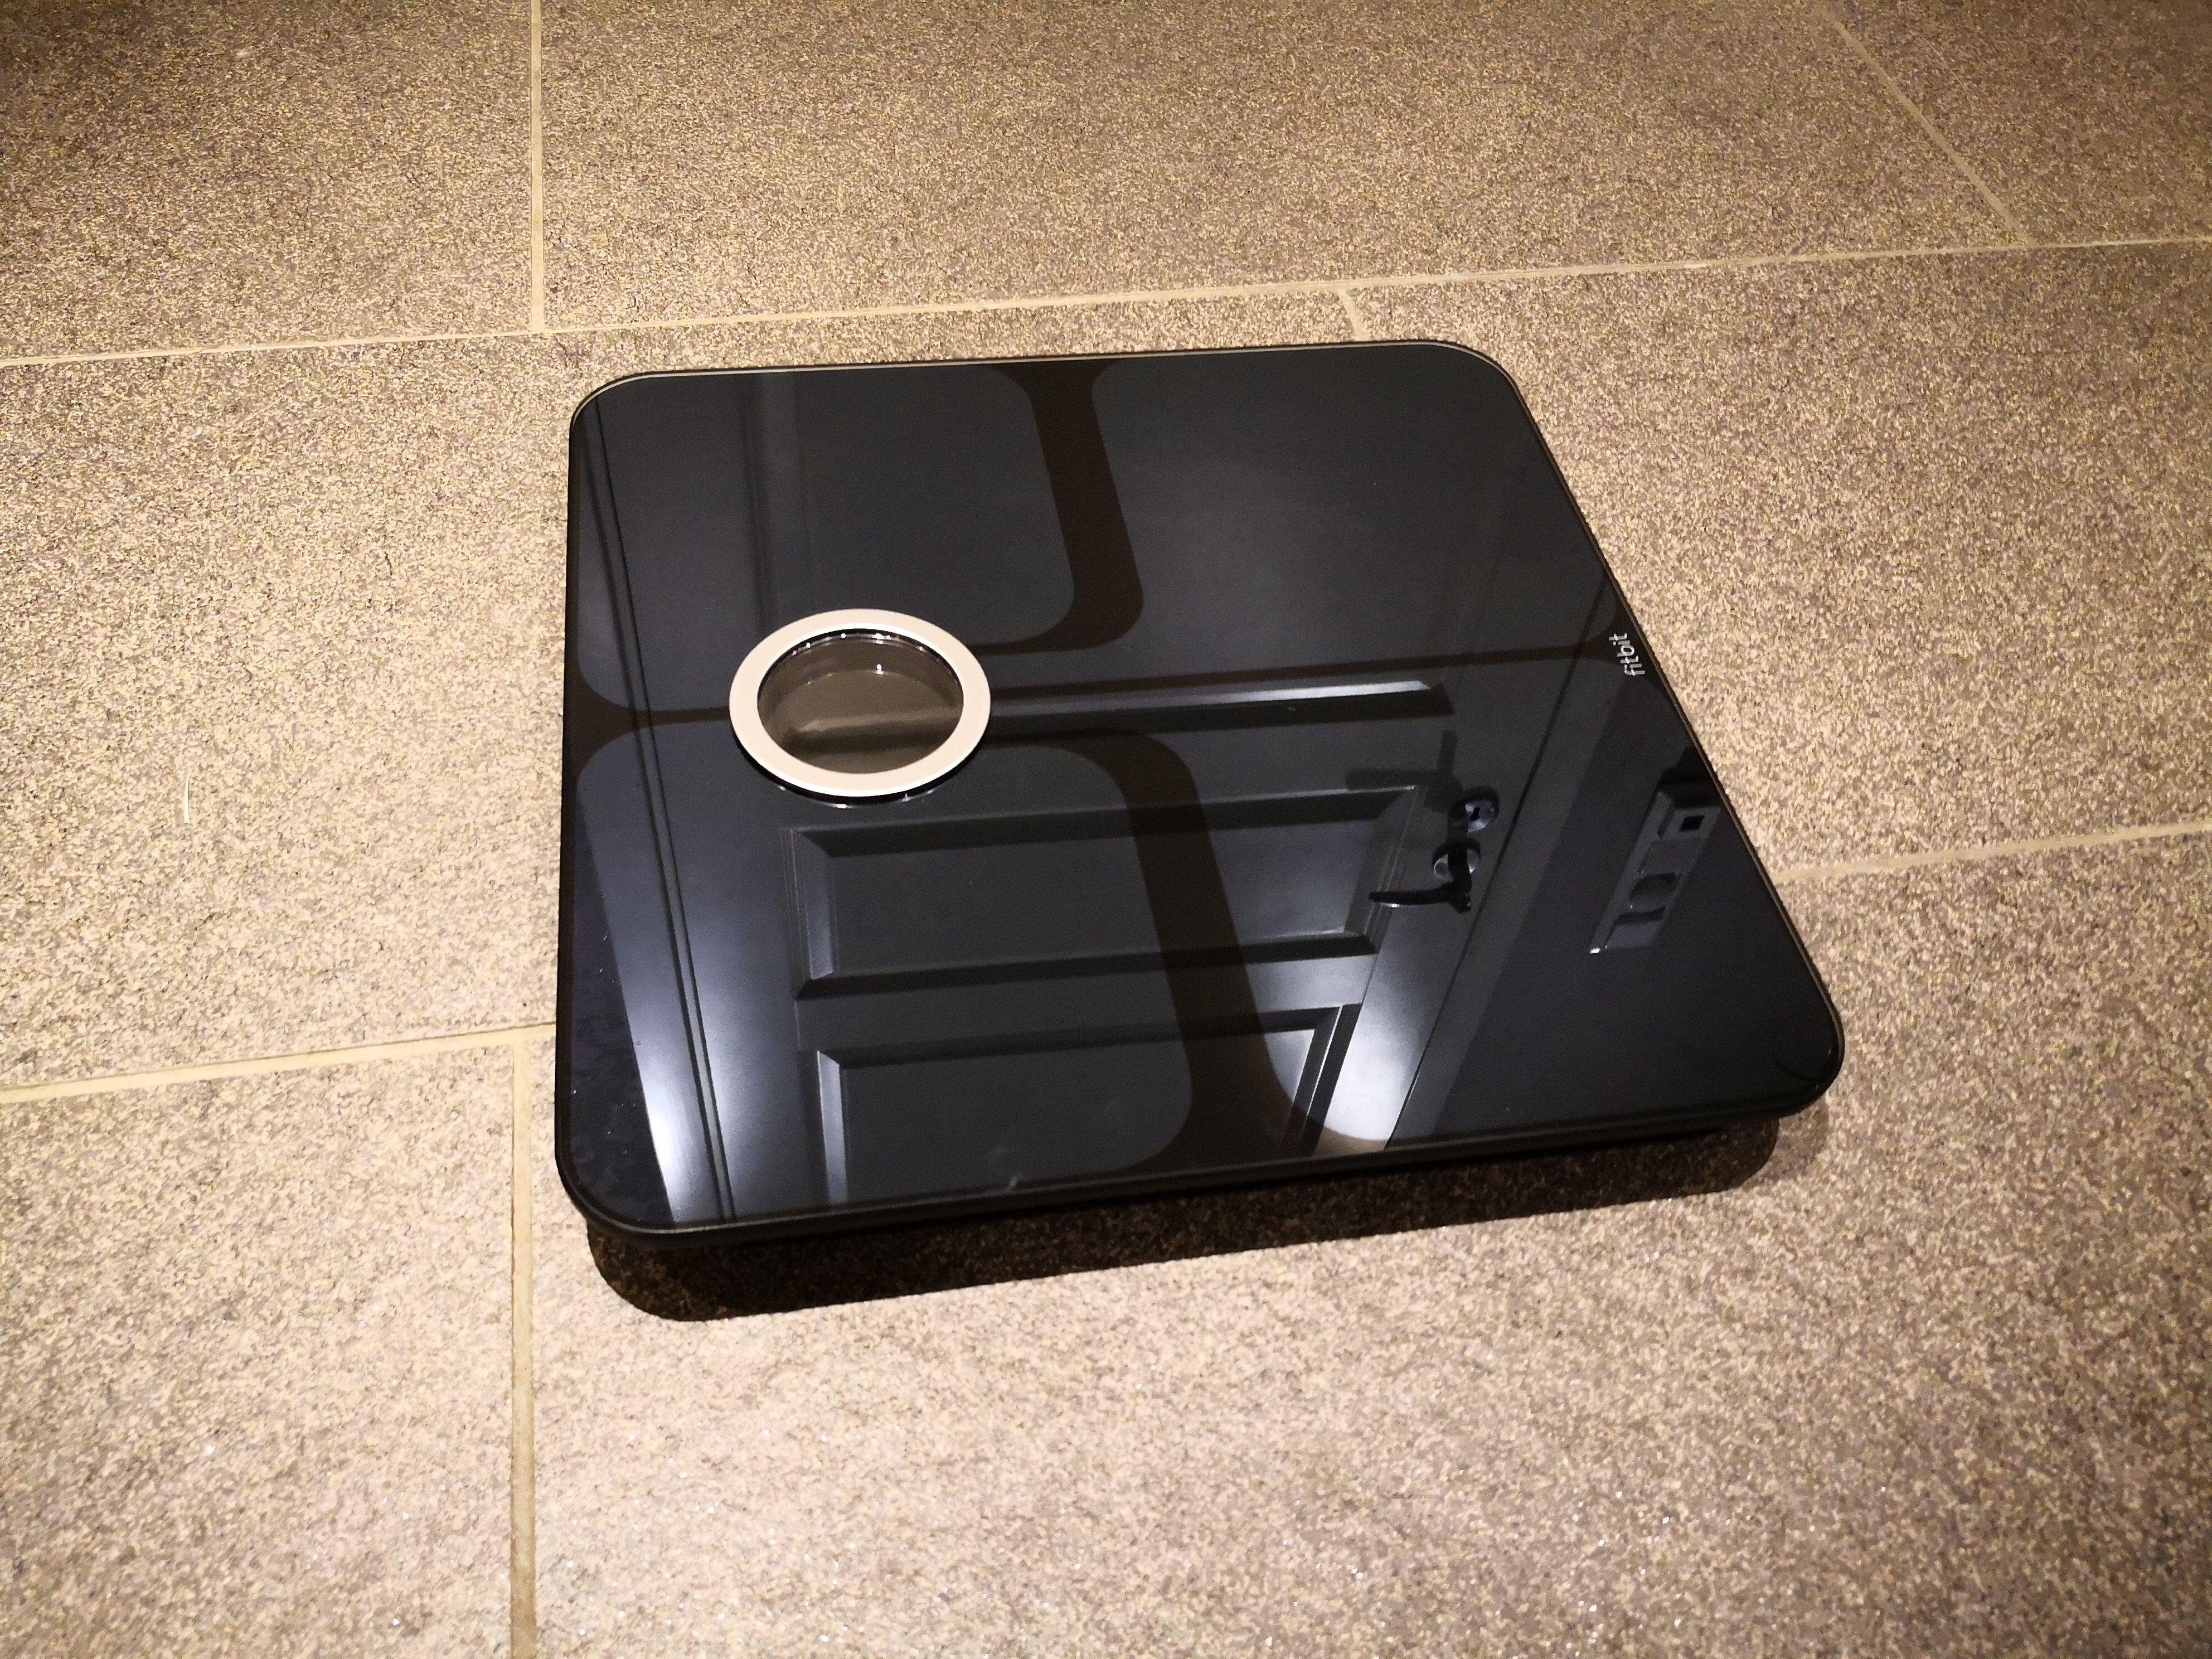 Overflaten på vekten er speilblank, og er en magnet for flekker.